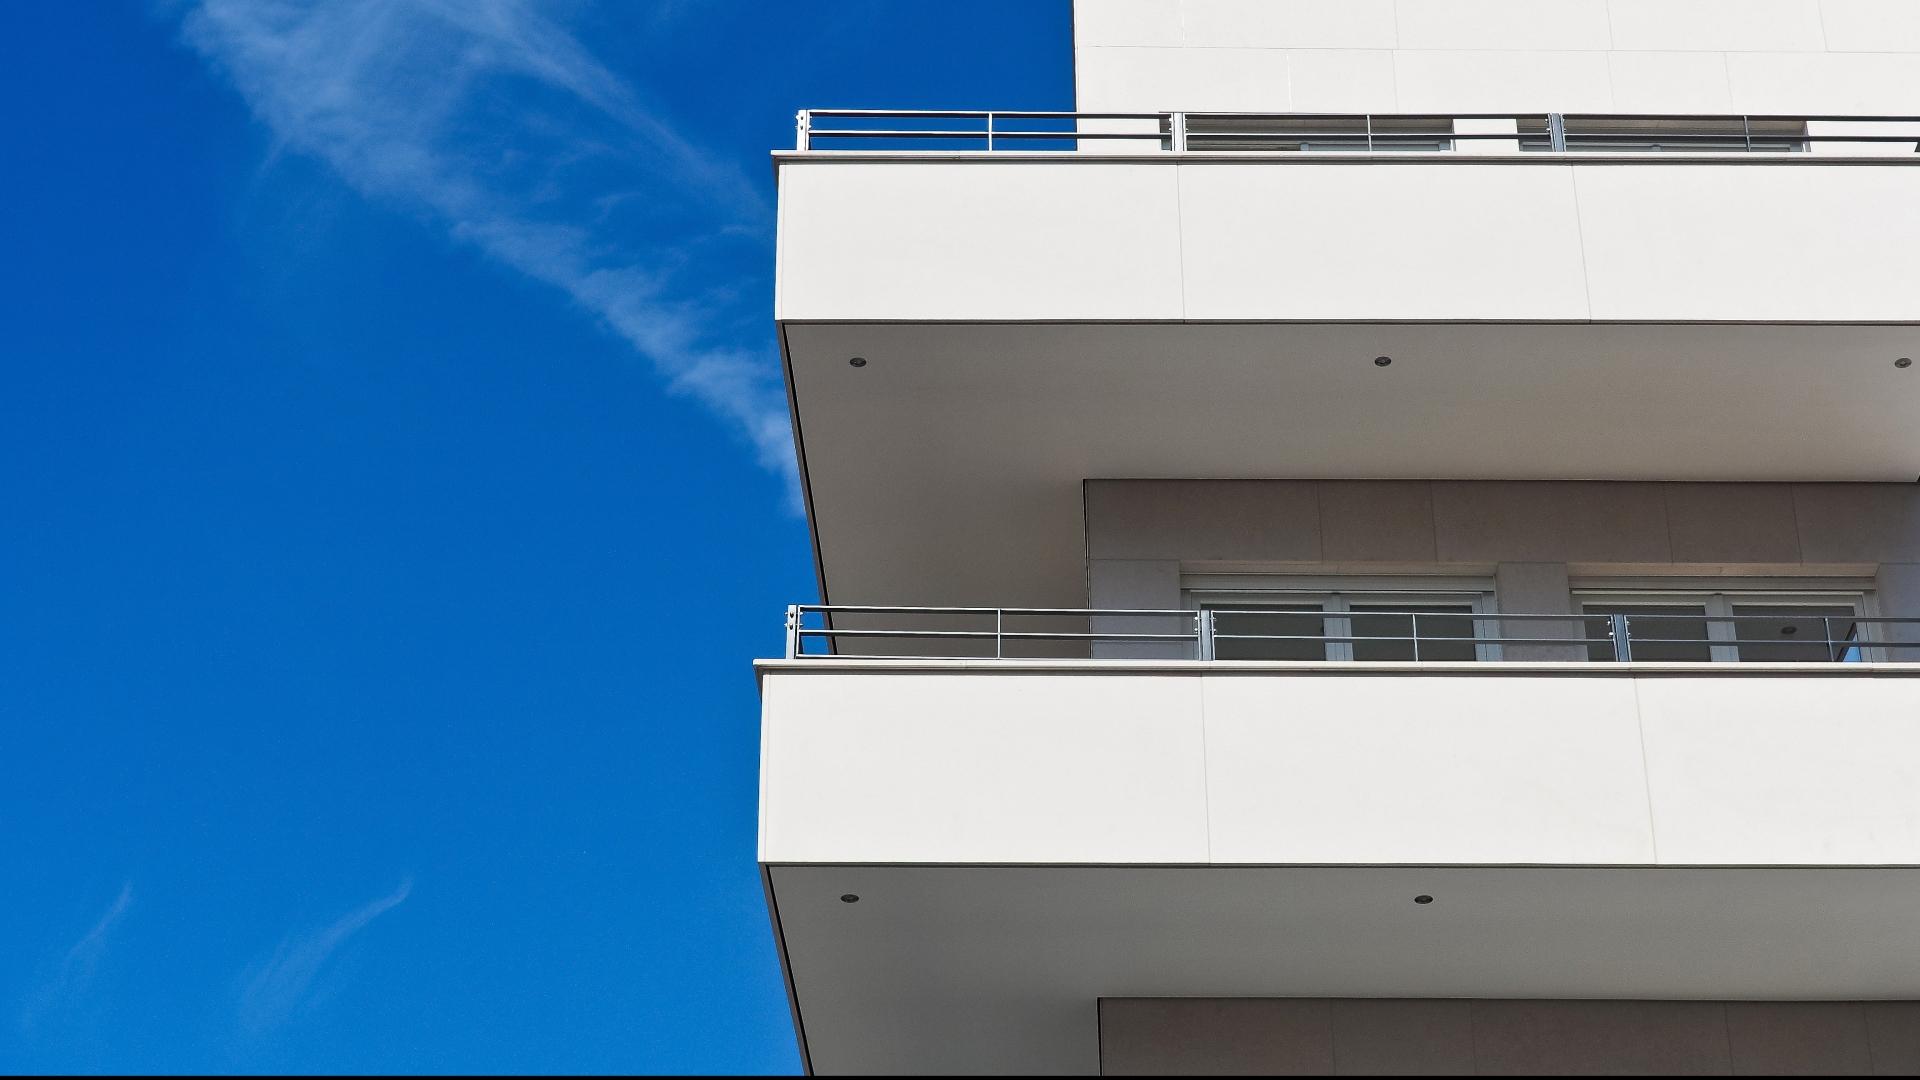 architecture-22954801.jpg